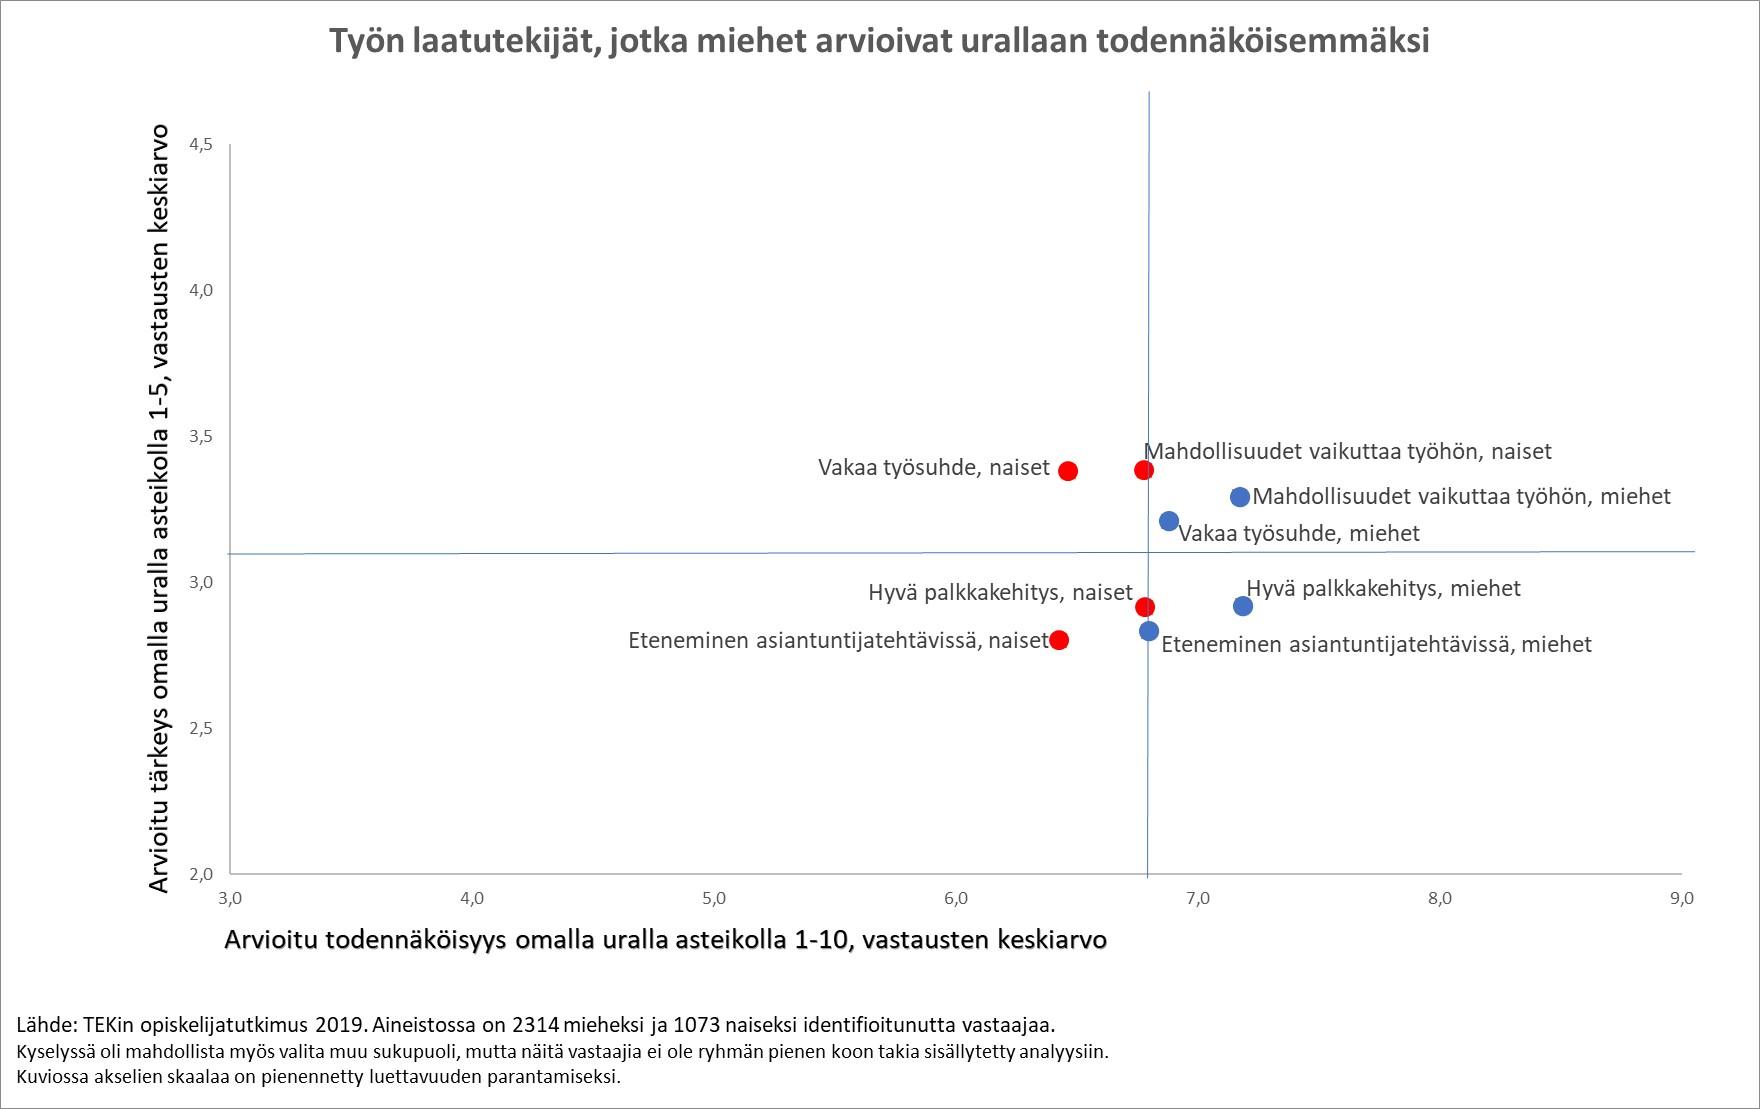 Naiset pitävät vakaata työsuhdetta, hyvää palkkakehitystä, mahdollisuuksia edetä ja vaikuttaa työhönsä vähemmän todennäköisinä kuin miehet.